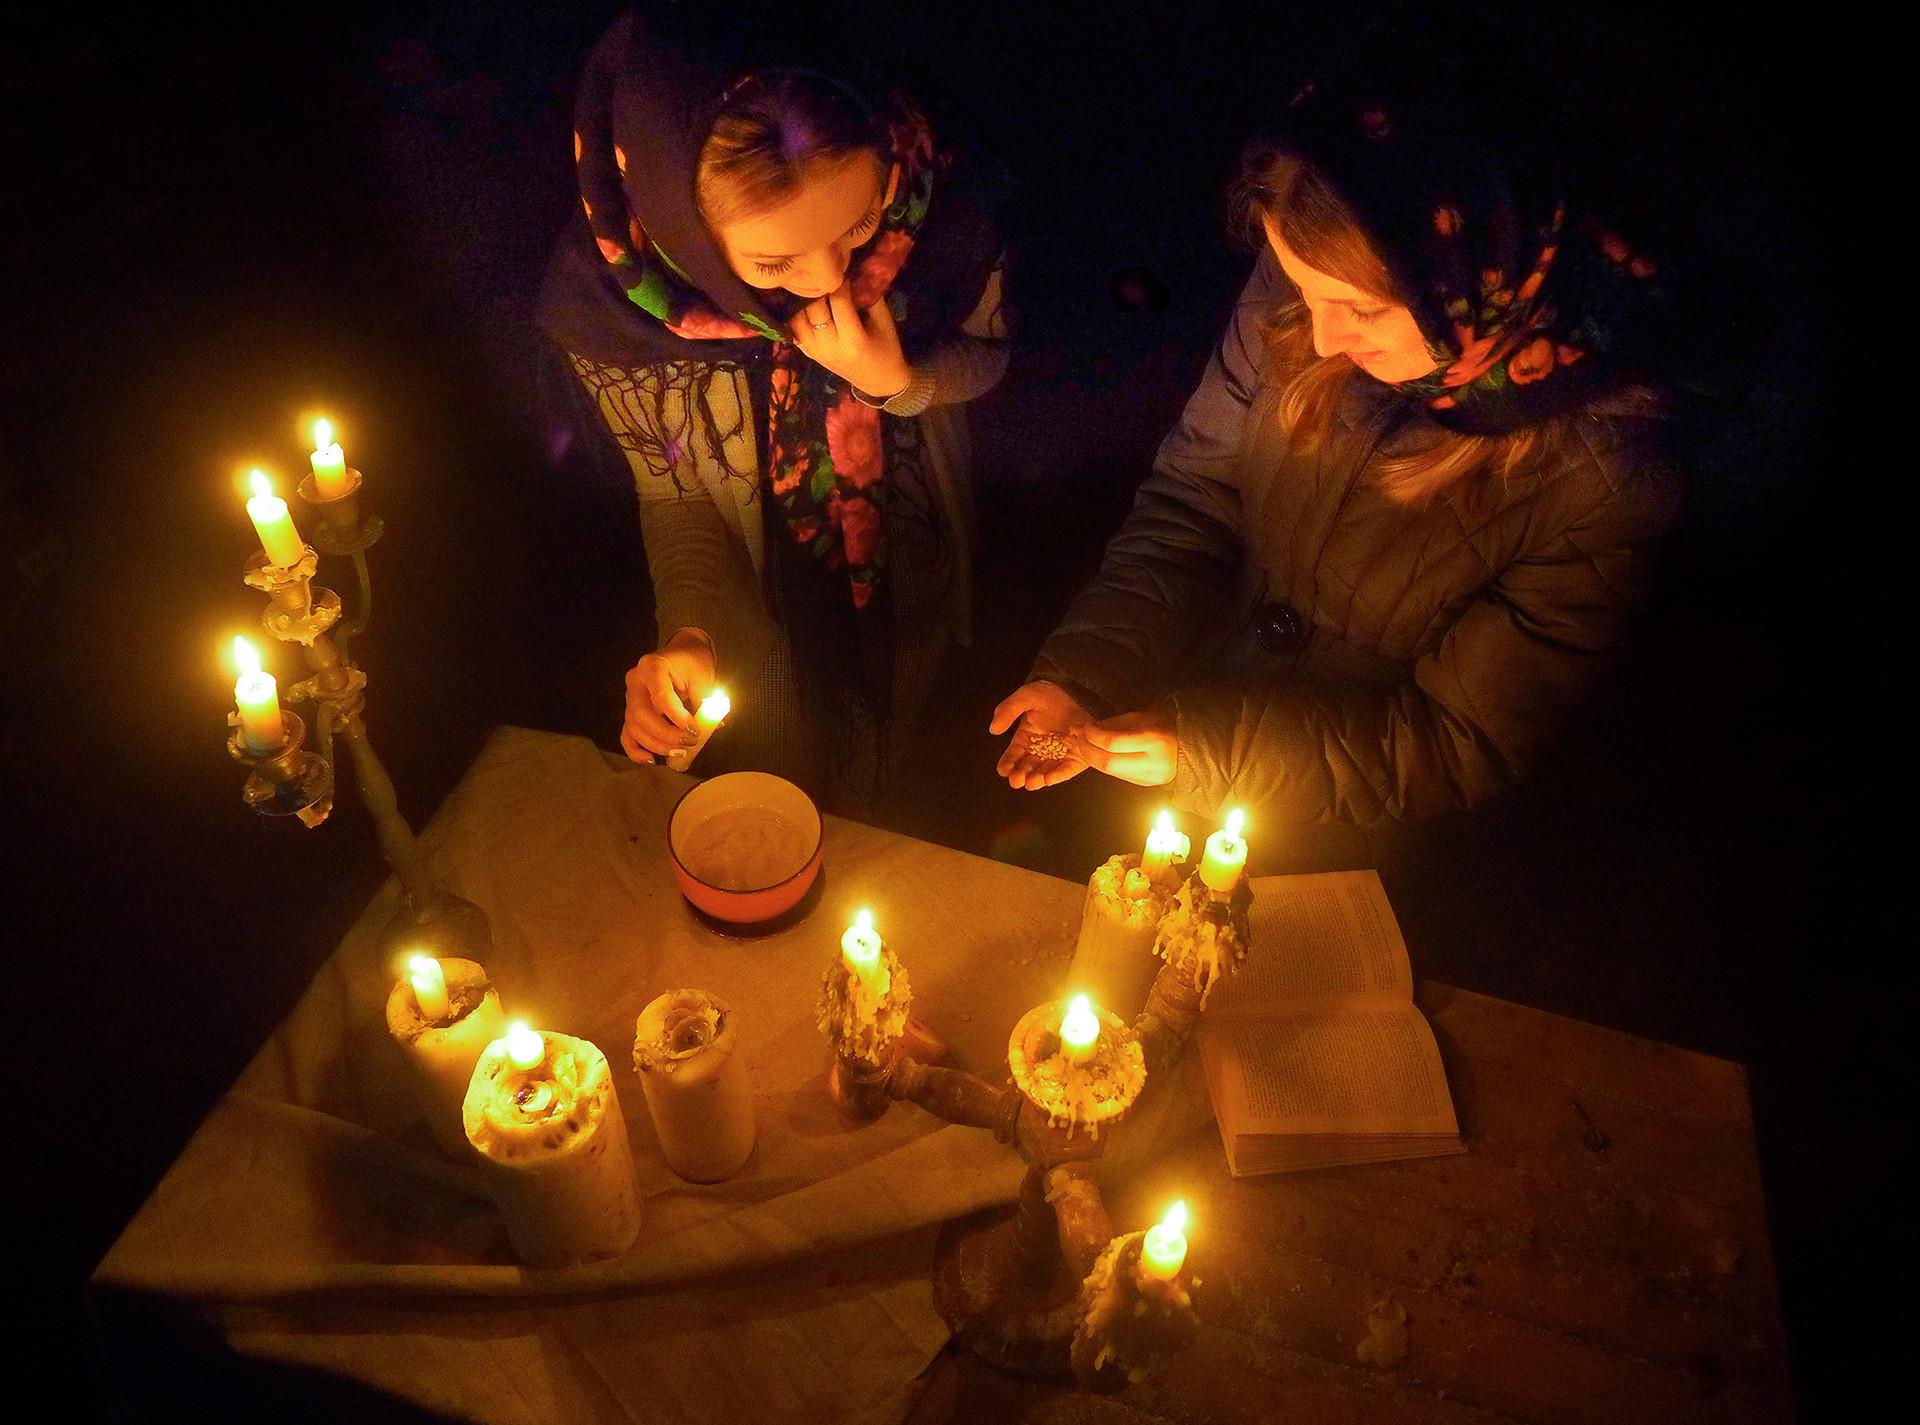 Chicas tratando de leer su futuro usando unos granos en el Museo Etnográfico de Stáraia Sarepta.